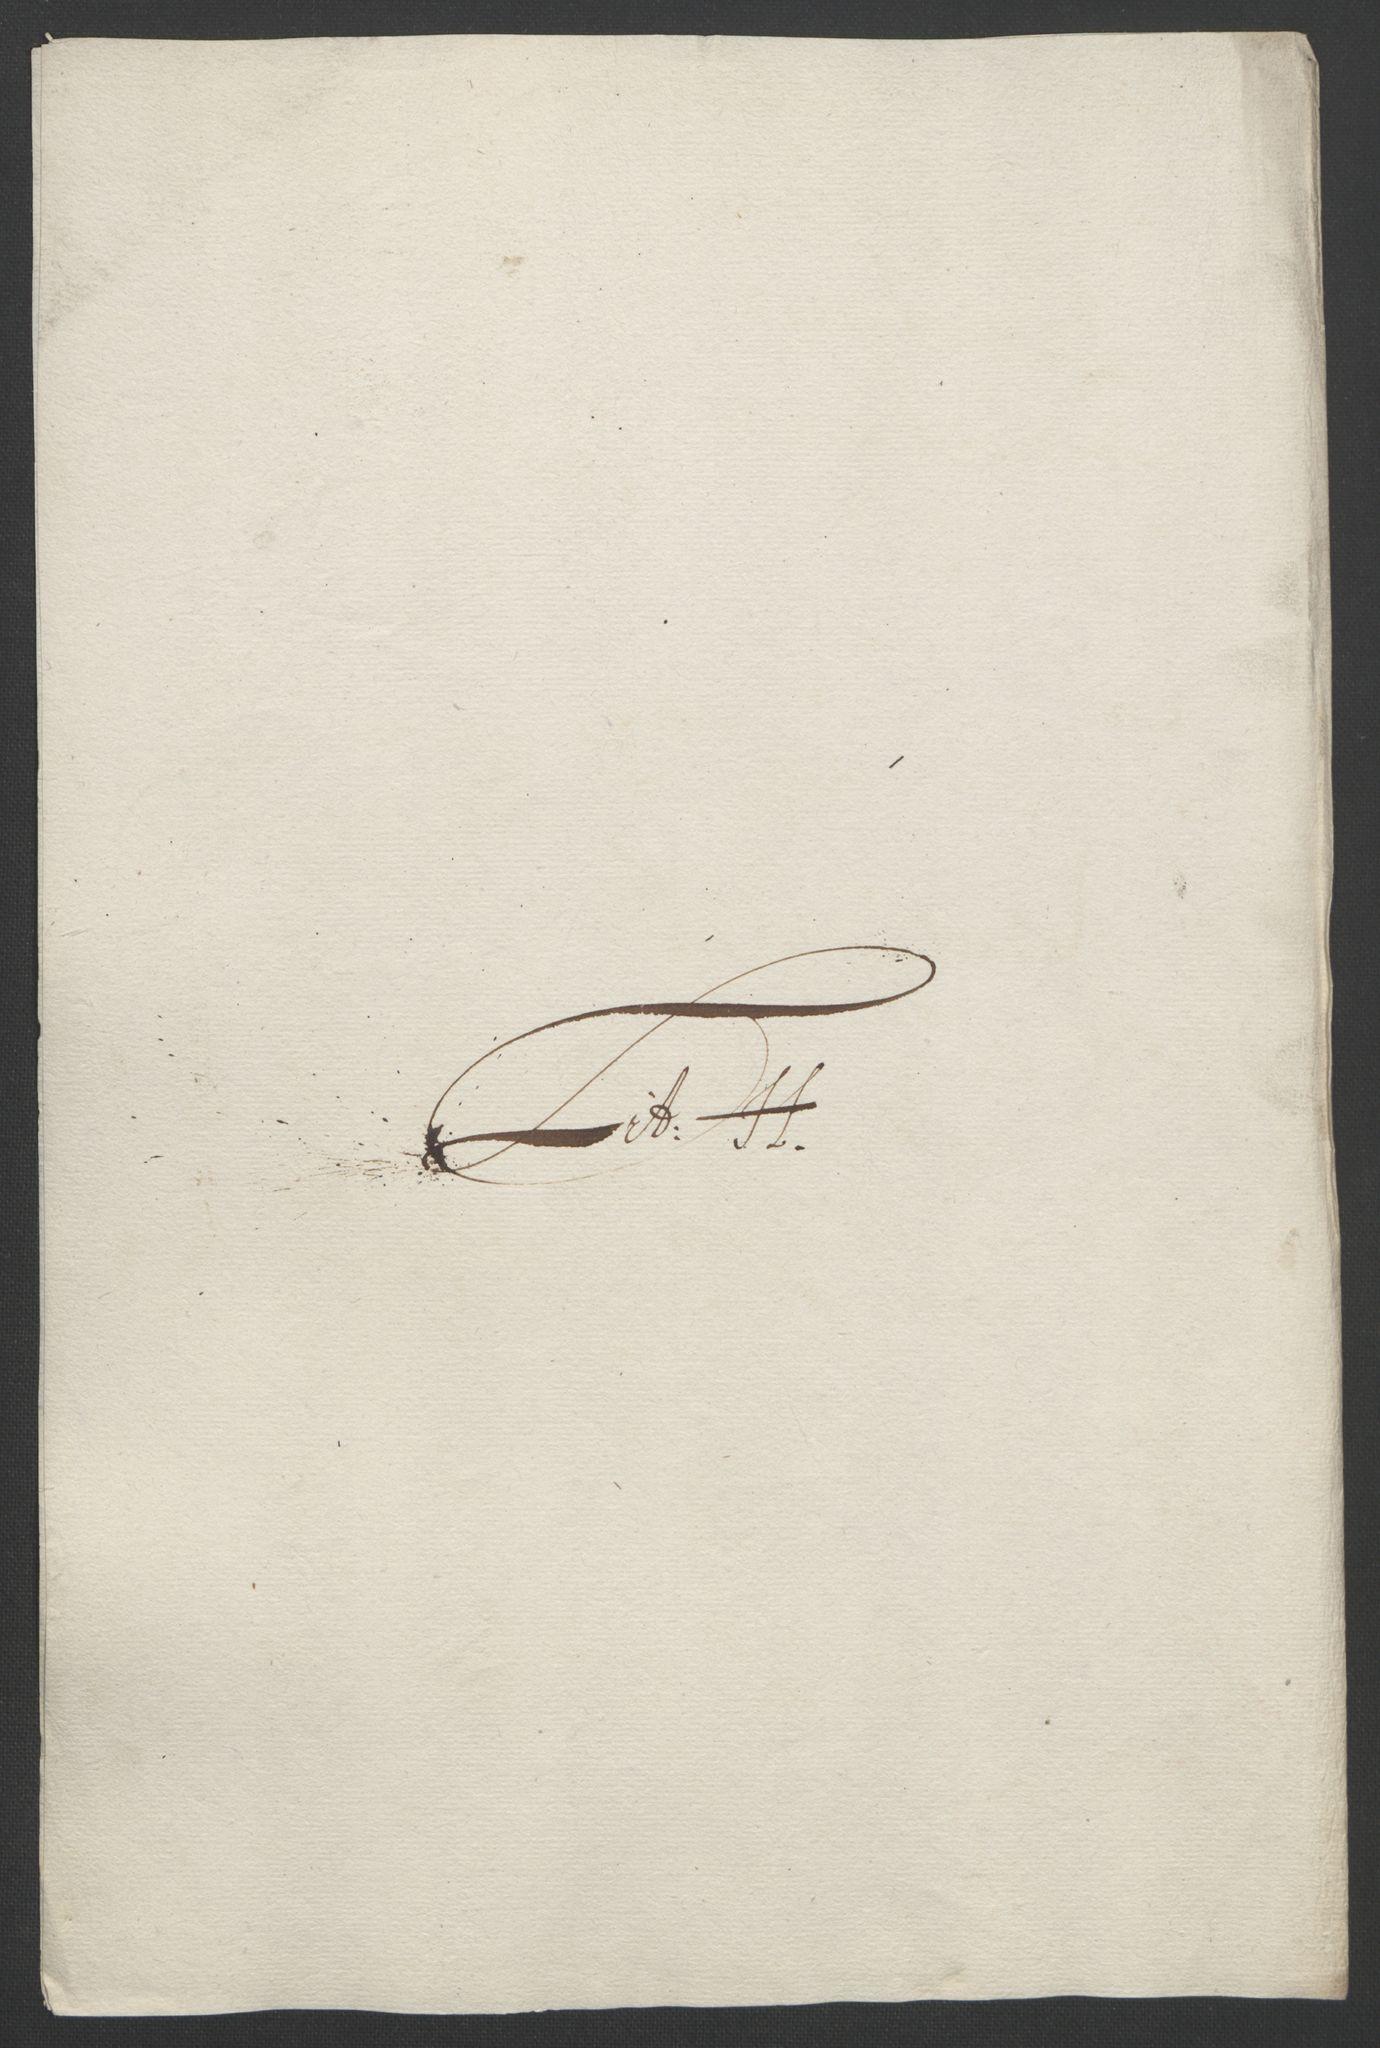 RA, Rentekammeret inntil 1814, Reviderte regnskaper, Fogderegnskap, R08/L0426: Fogderegnskap Aker, 1692-1693, s. 96